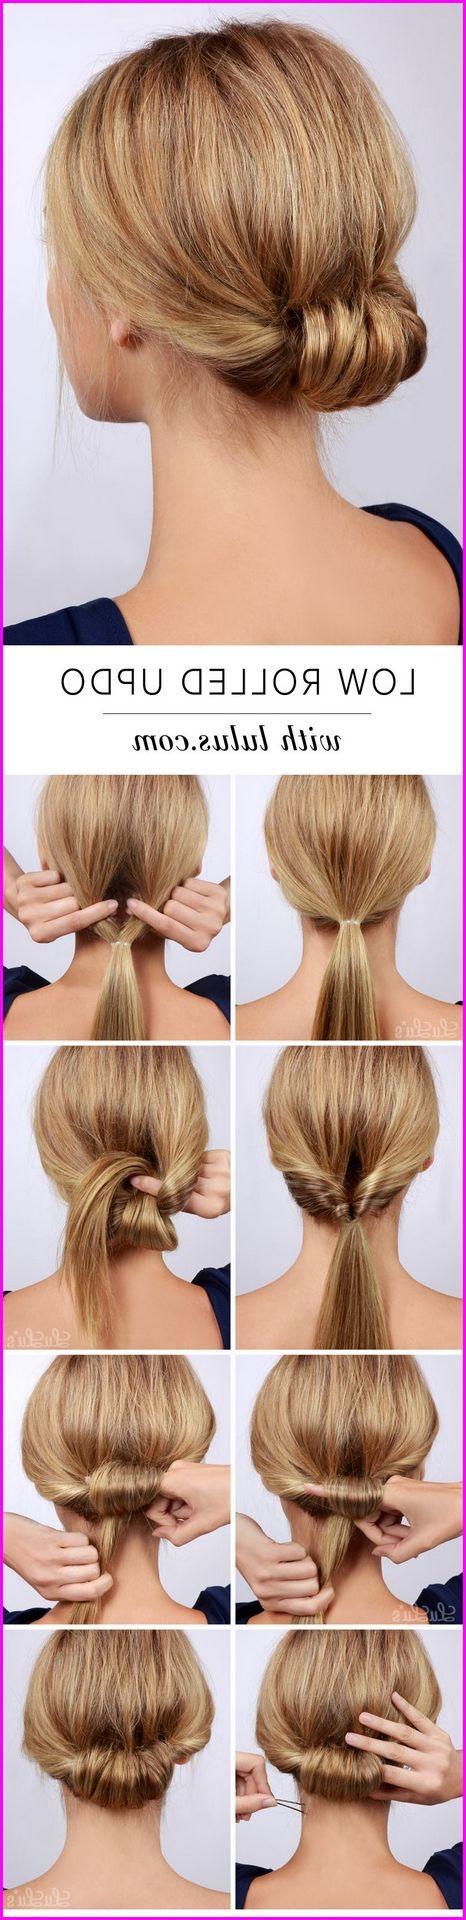 60 Kreative Hochsteckfrisuren für kurze Haare – Kurze Pixie-Schnitte   – Hair